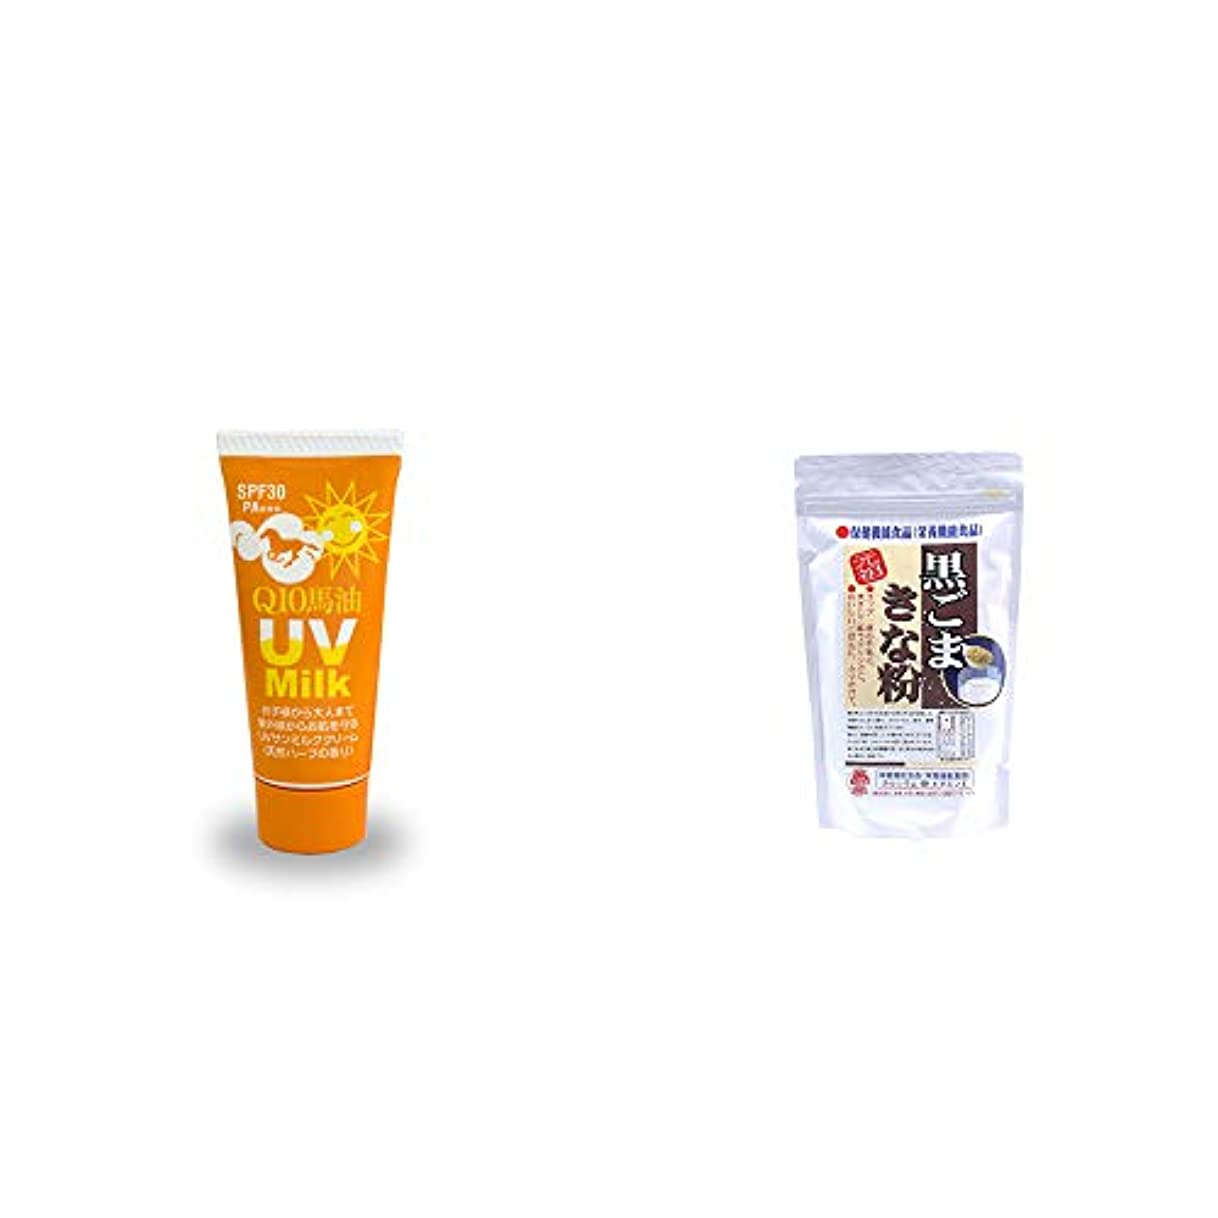 方法あいまいさスカルク[2点セット] 炭黒泉 Q10馬油 UVサンミルク[天然ハーブ](40g)?黒ごまきな粉(270g)